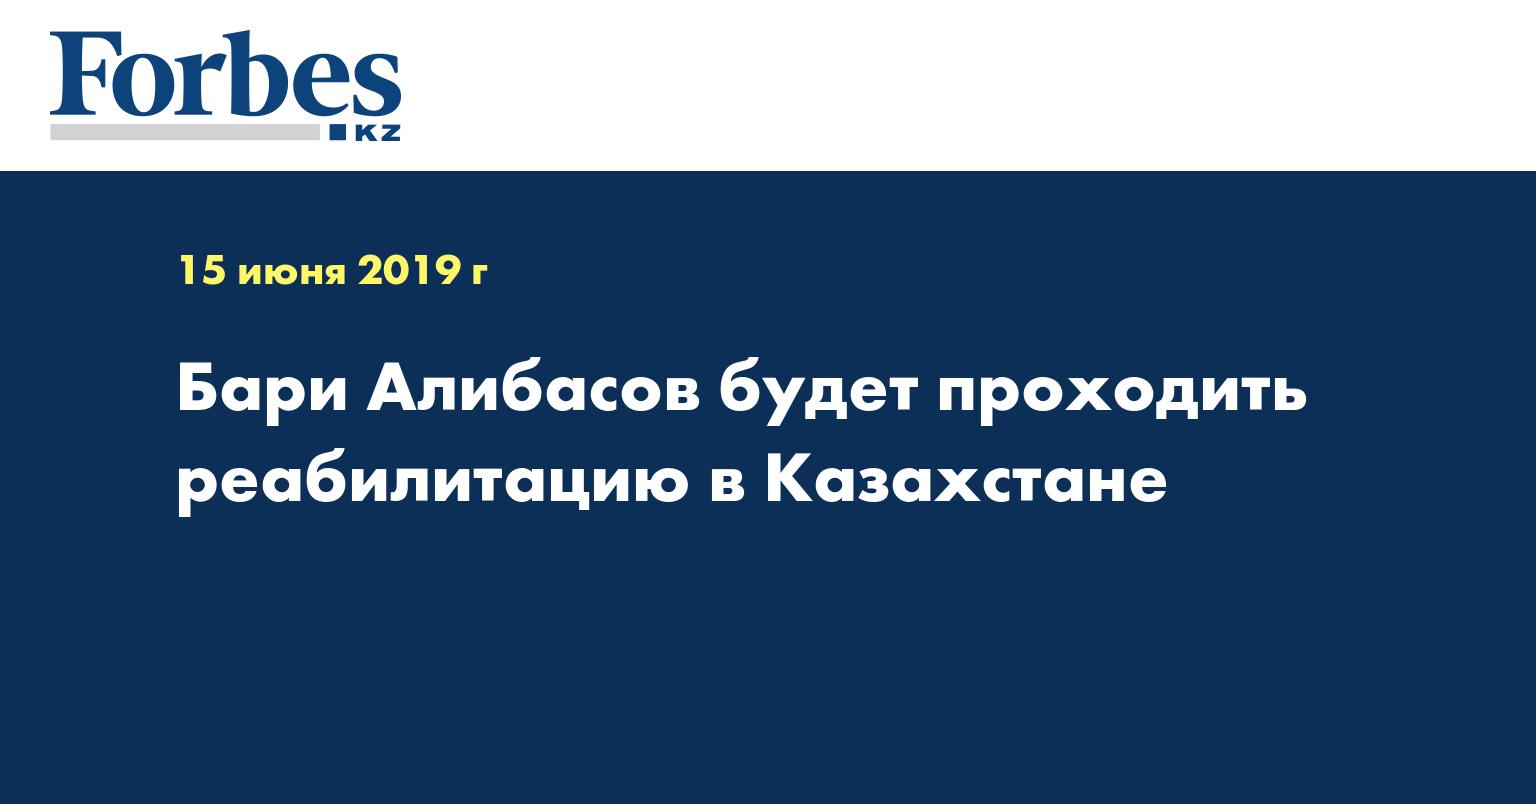 Бари Алибасов будет проходить реабилитацию в Казахстане